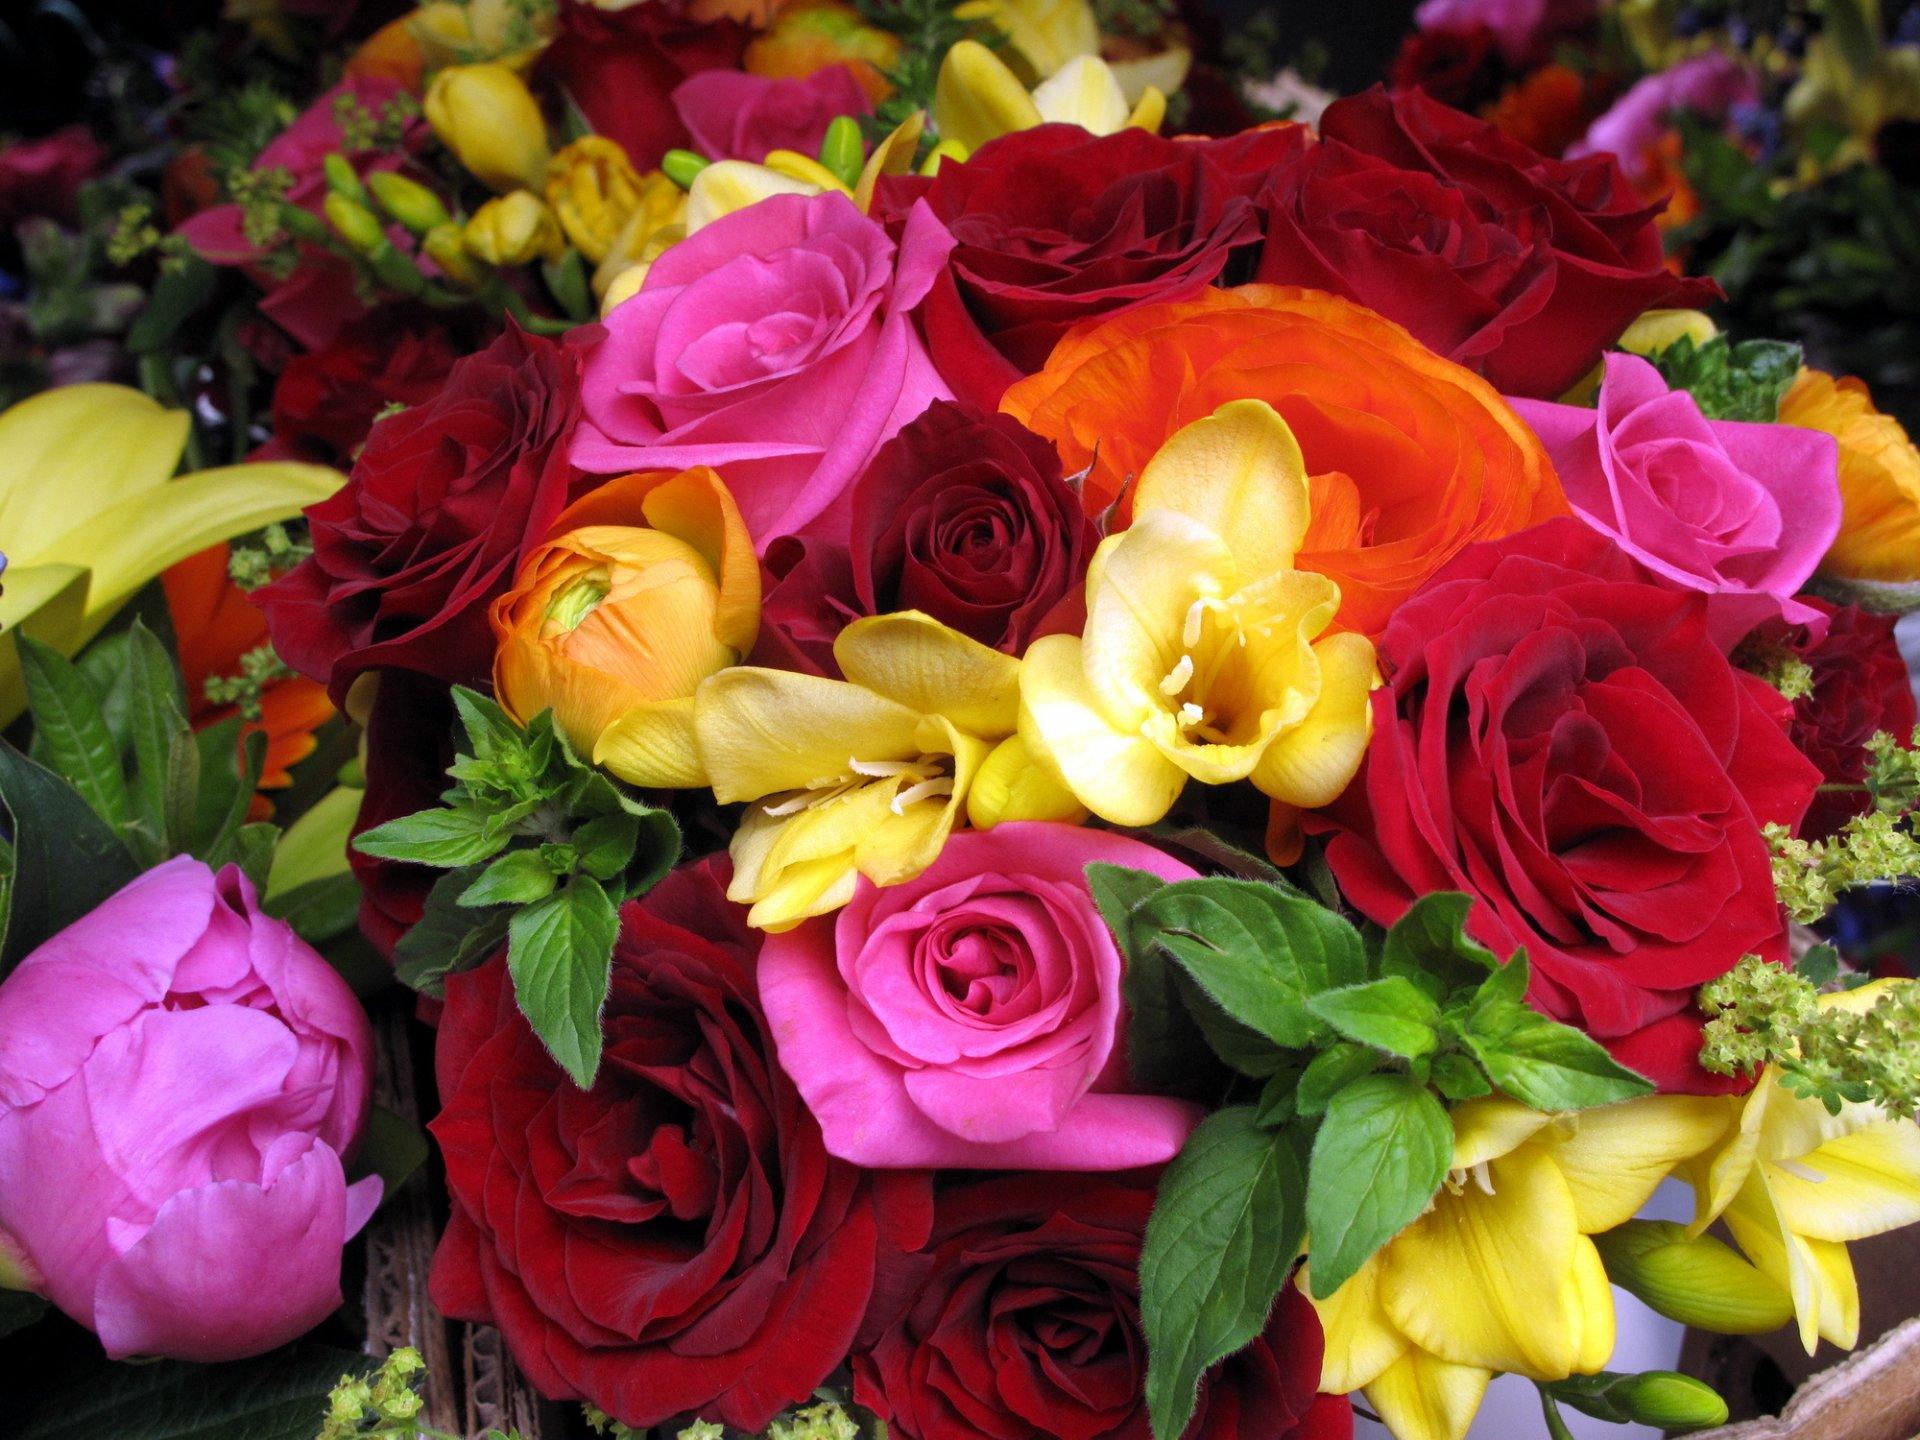 радостью поможем фотографии с красивыми цветами рассмотрели